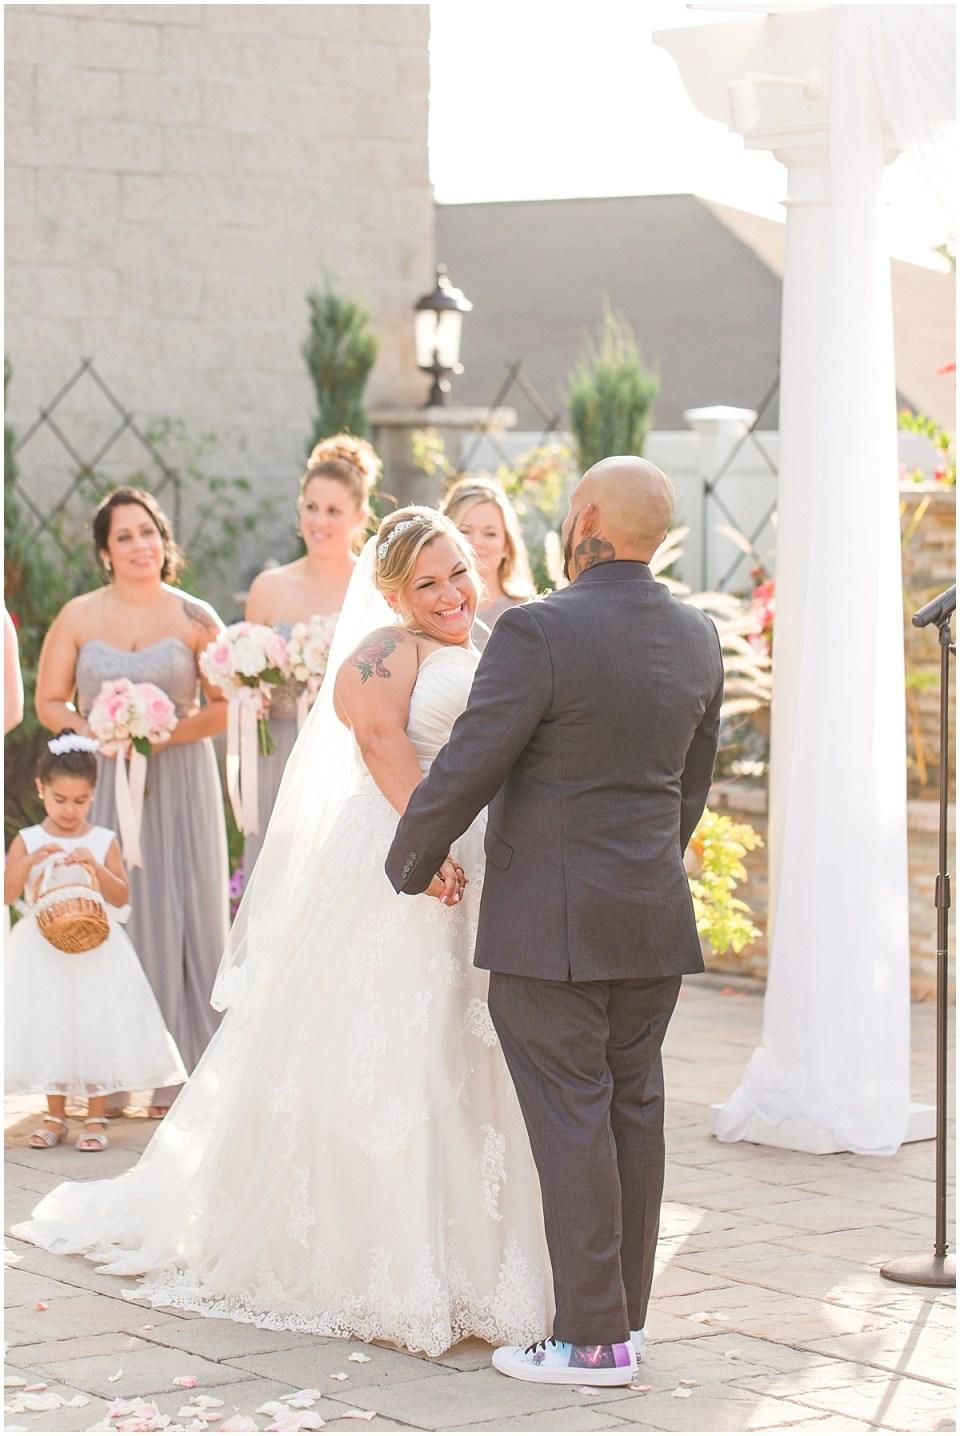 Pedro & Maggie's Star Wars Themed Wedding at La Bella Vista in Waterbury, CT Photos_0029.jpg